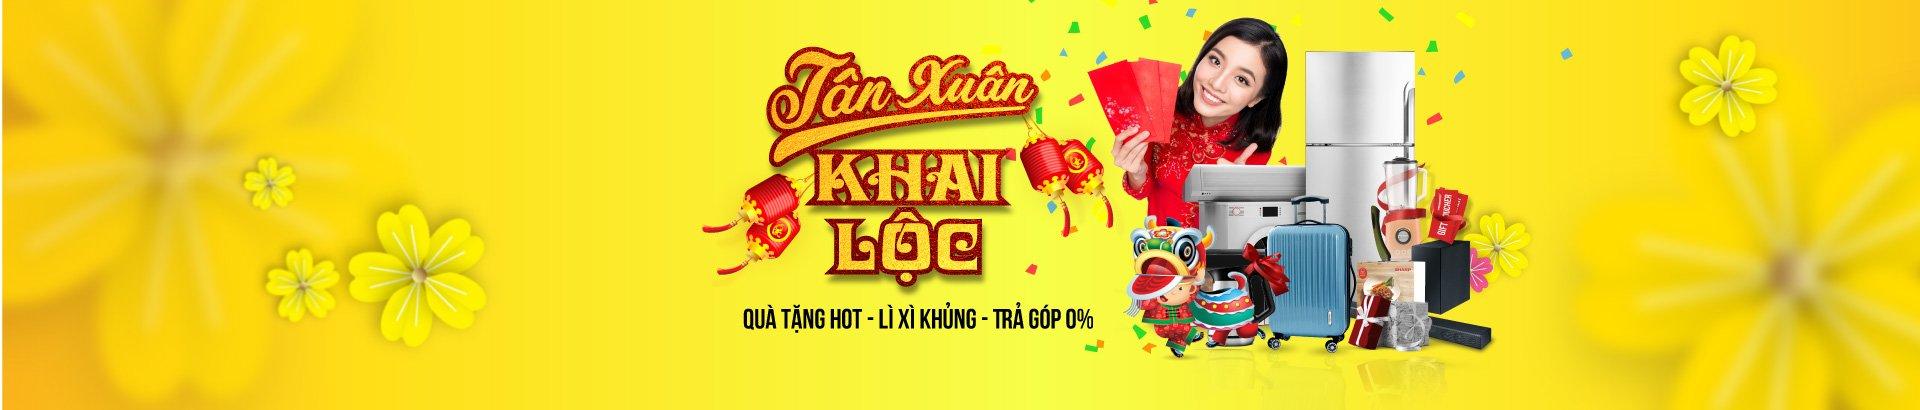 Tân Xuân Khai Lộc <br/> nhận lì xì khủng